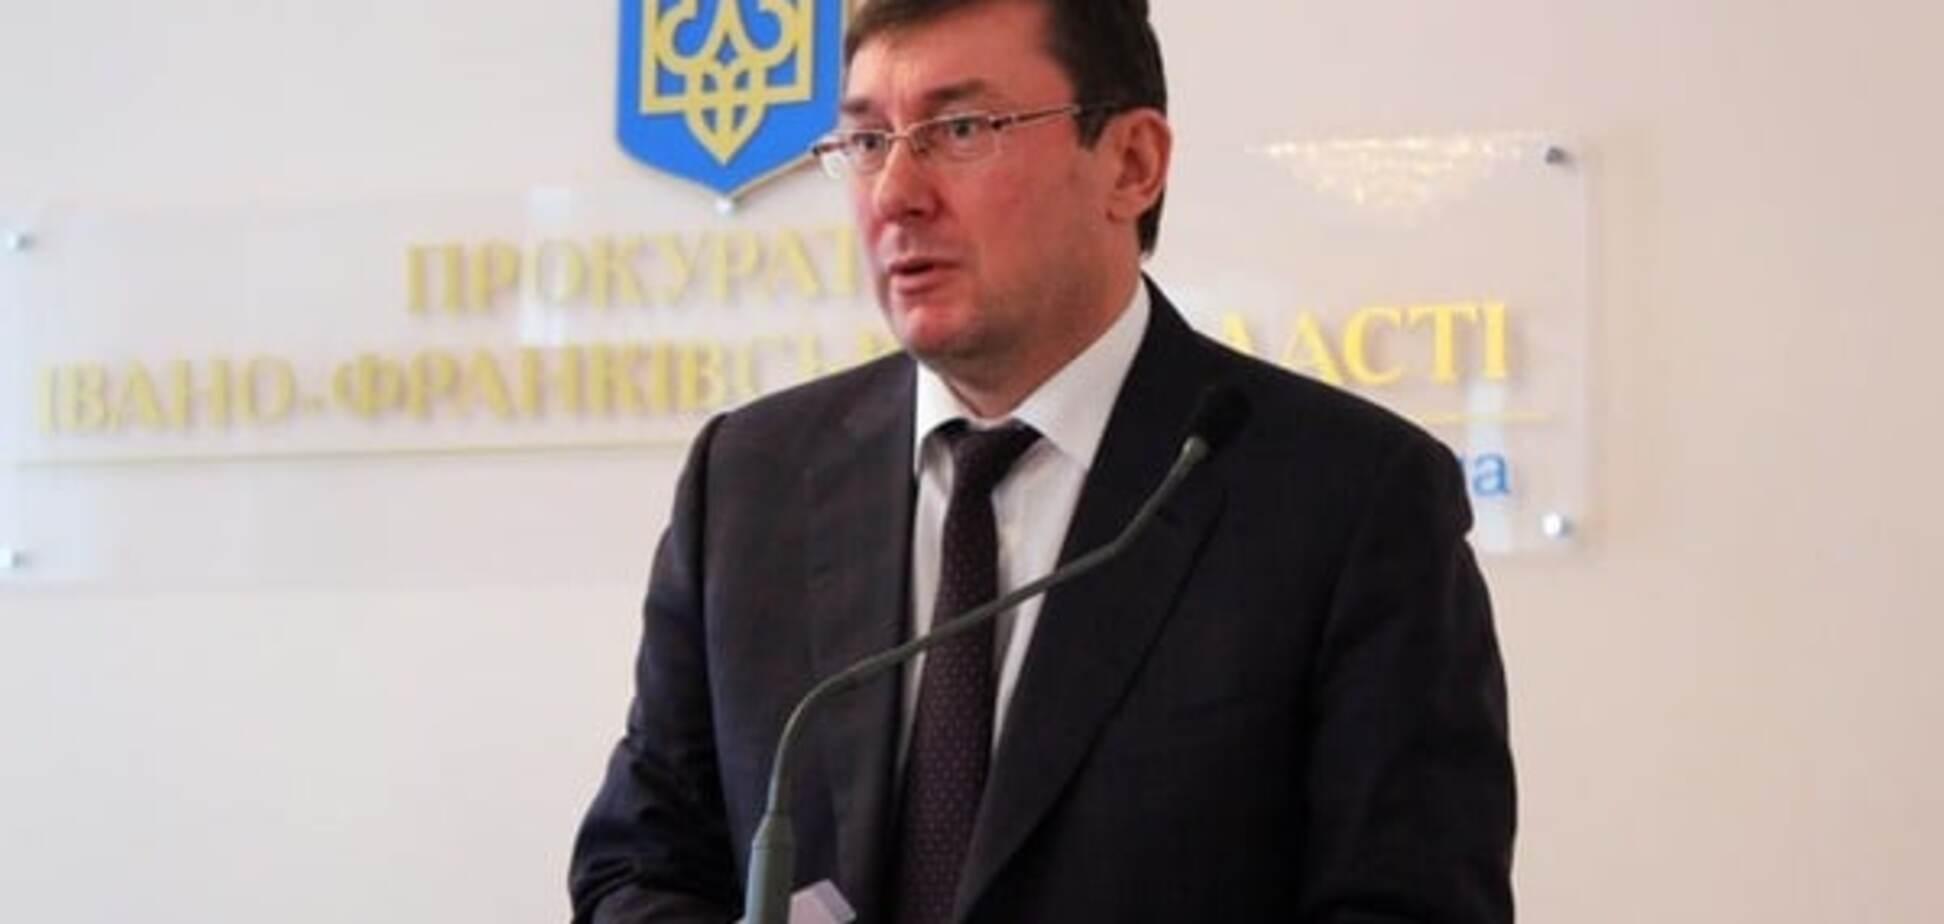 Дорогий слуга народу: Луценко повідомив про вилучення 300 тисяч доларів у депутата міськради